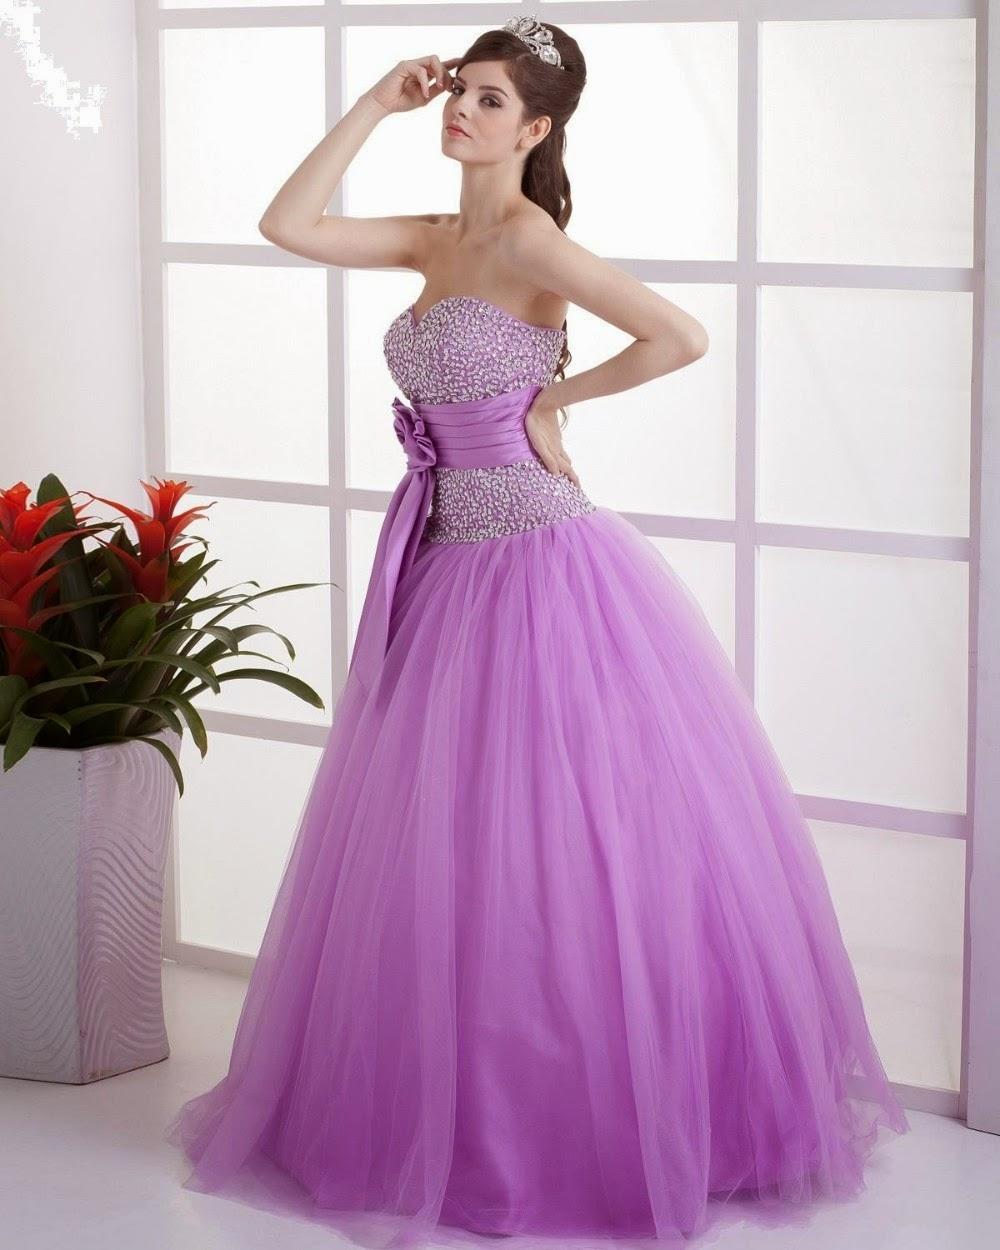 Encantador Bhs Vestidos De Dama Adolescentes Embellecimiento - Ideas ...